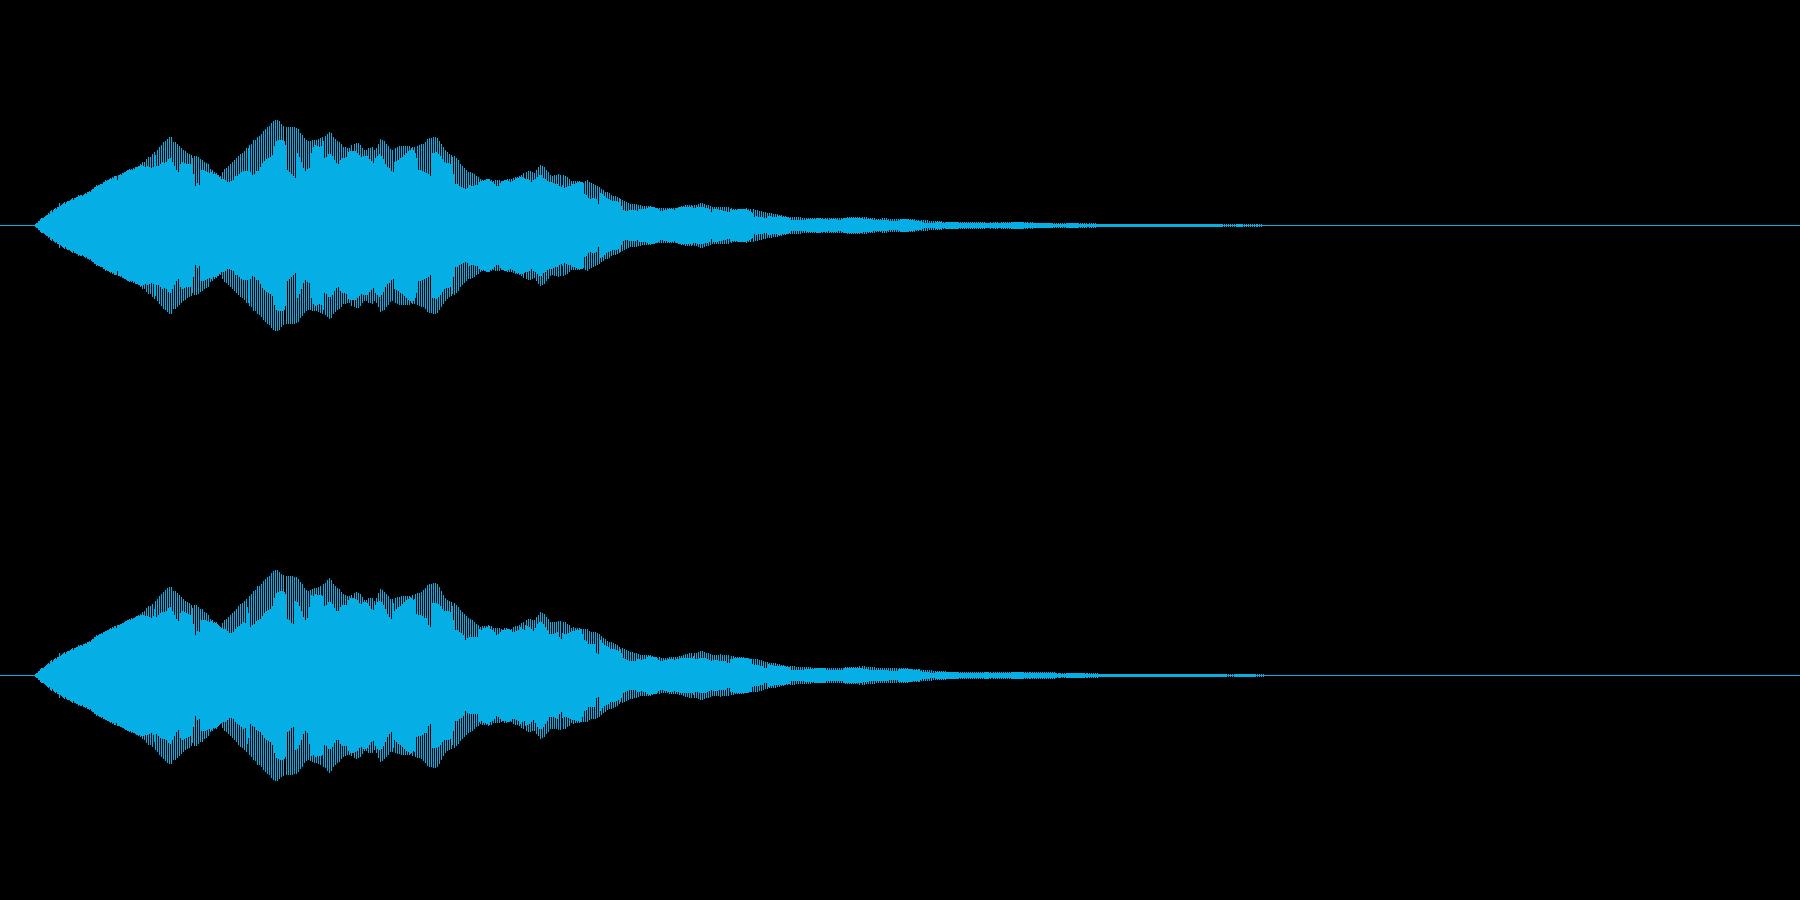 シンプルな電子音・アイキャッチ1の再生済みの波形